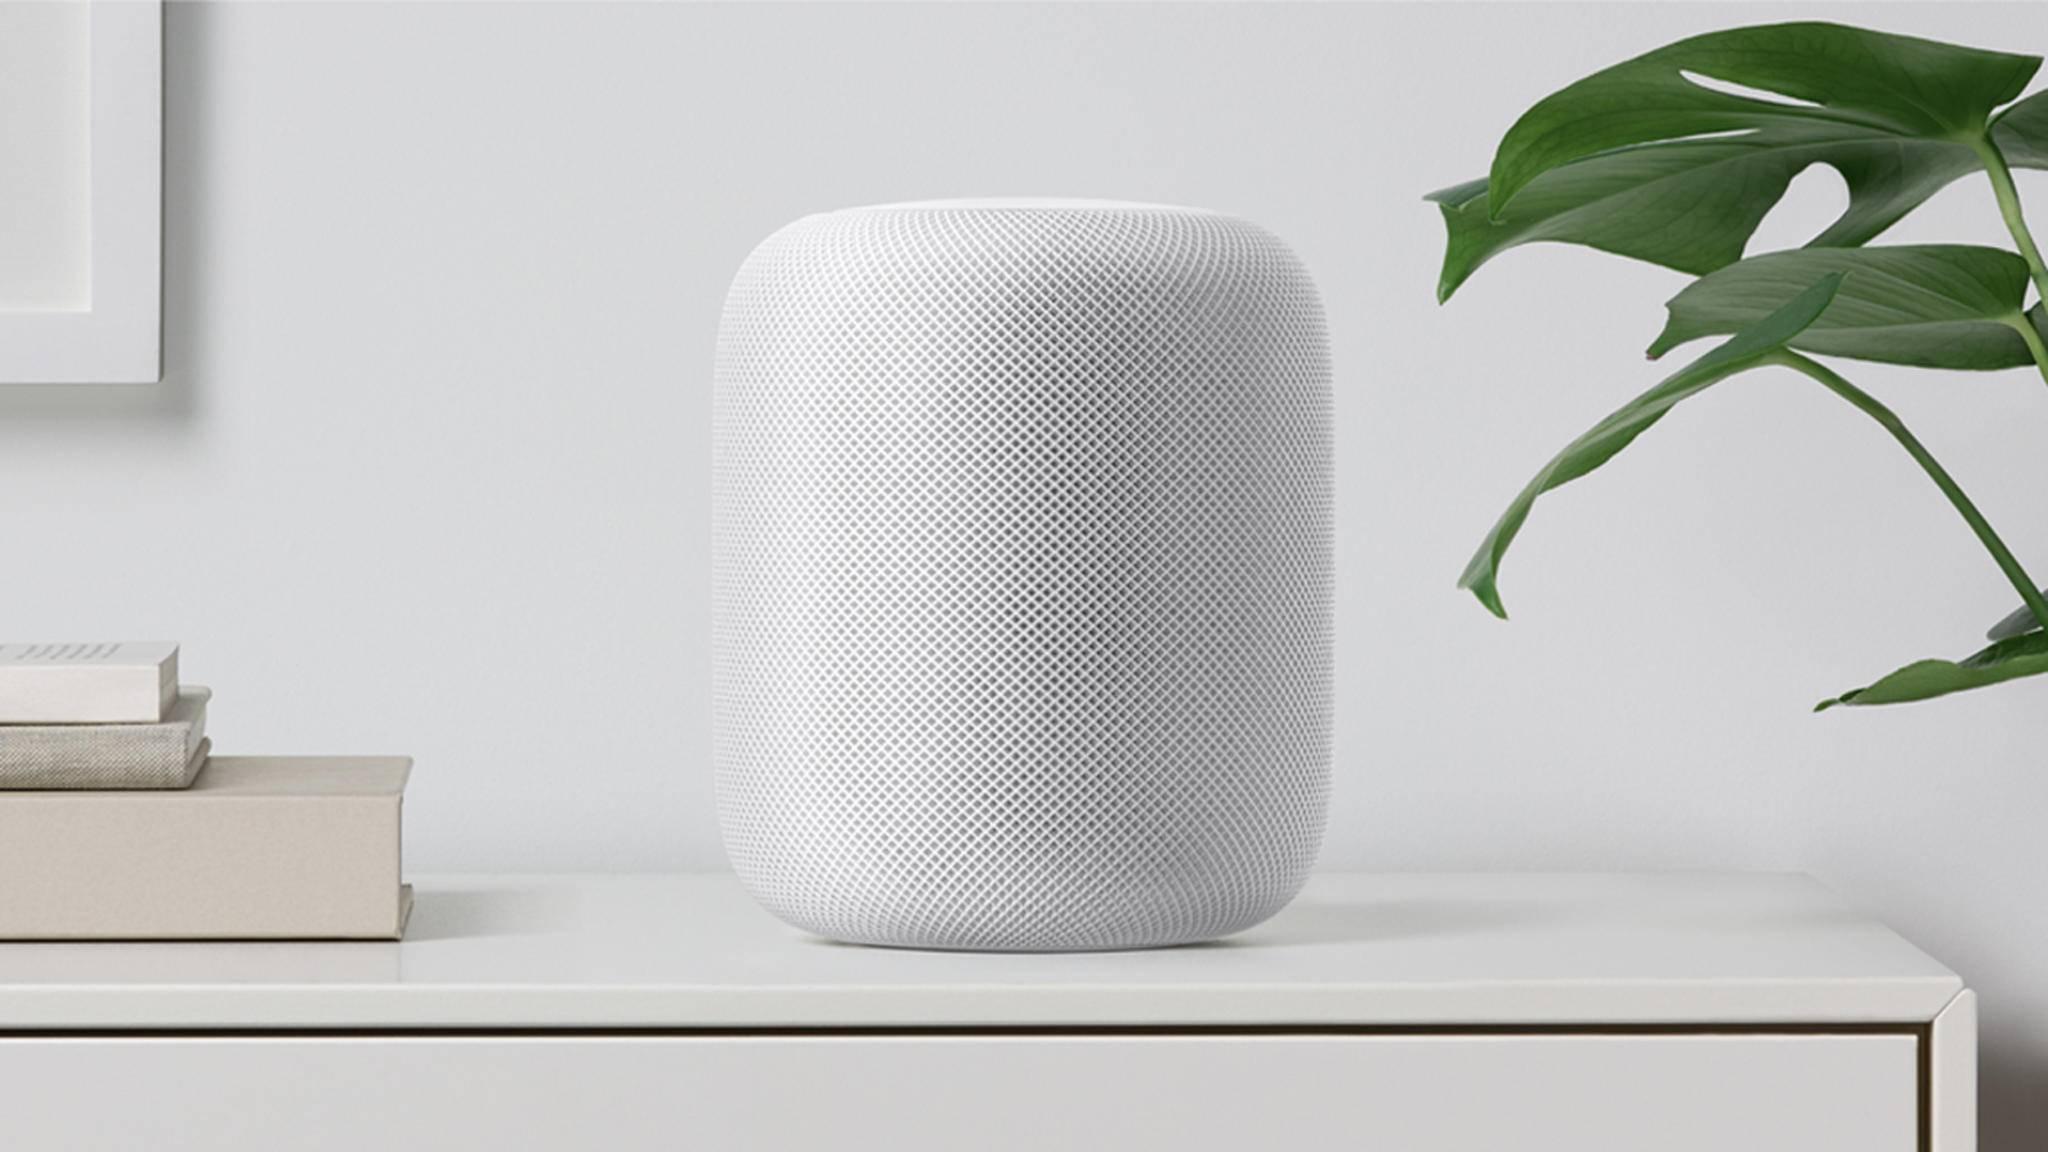 Der Apple HomePod unterstützt leider kein Musikstreaming via Bluetooth.